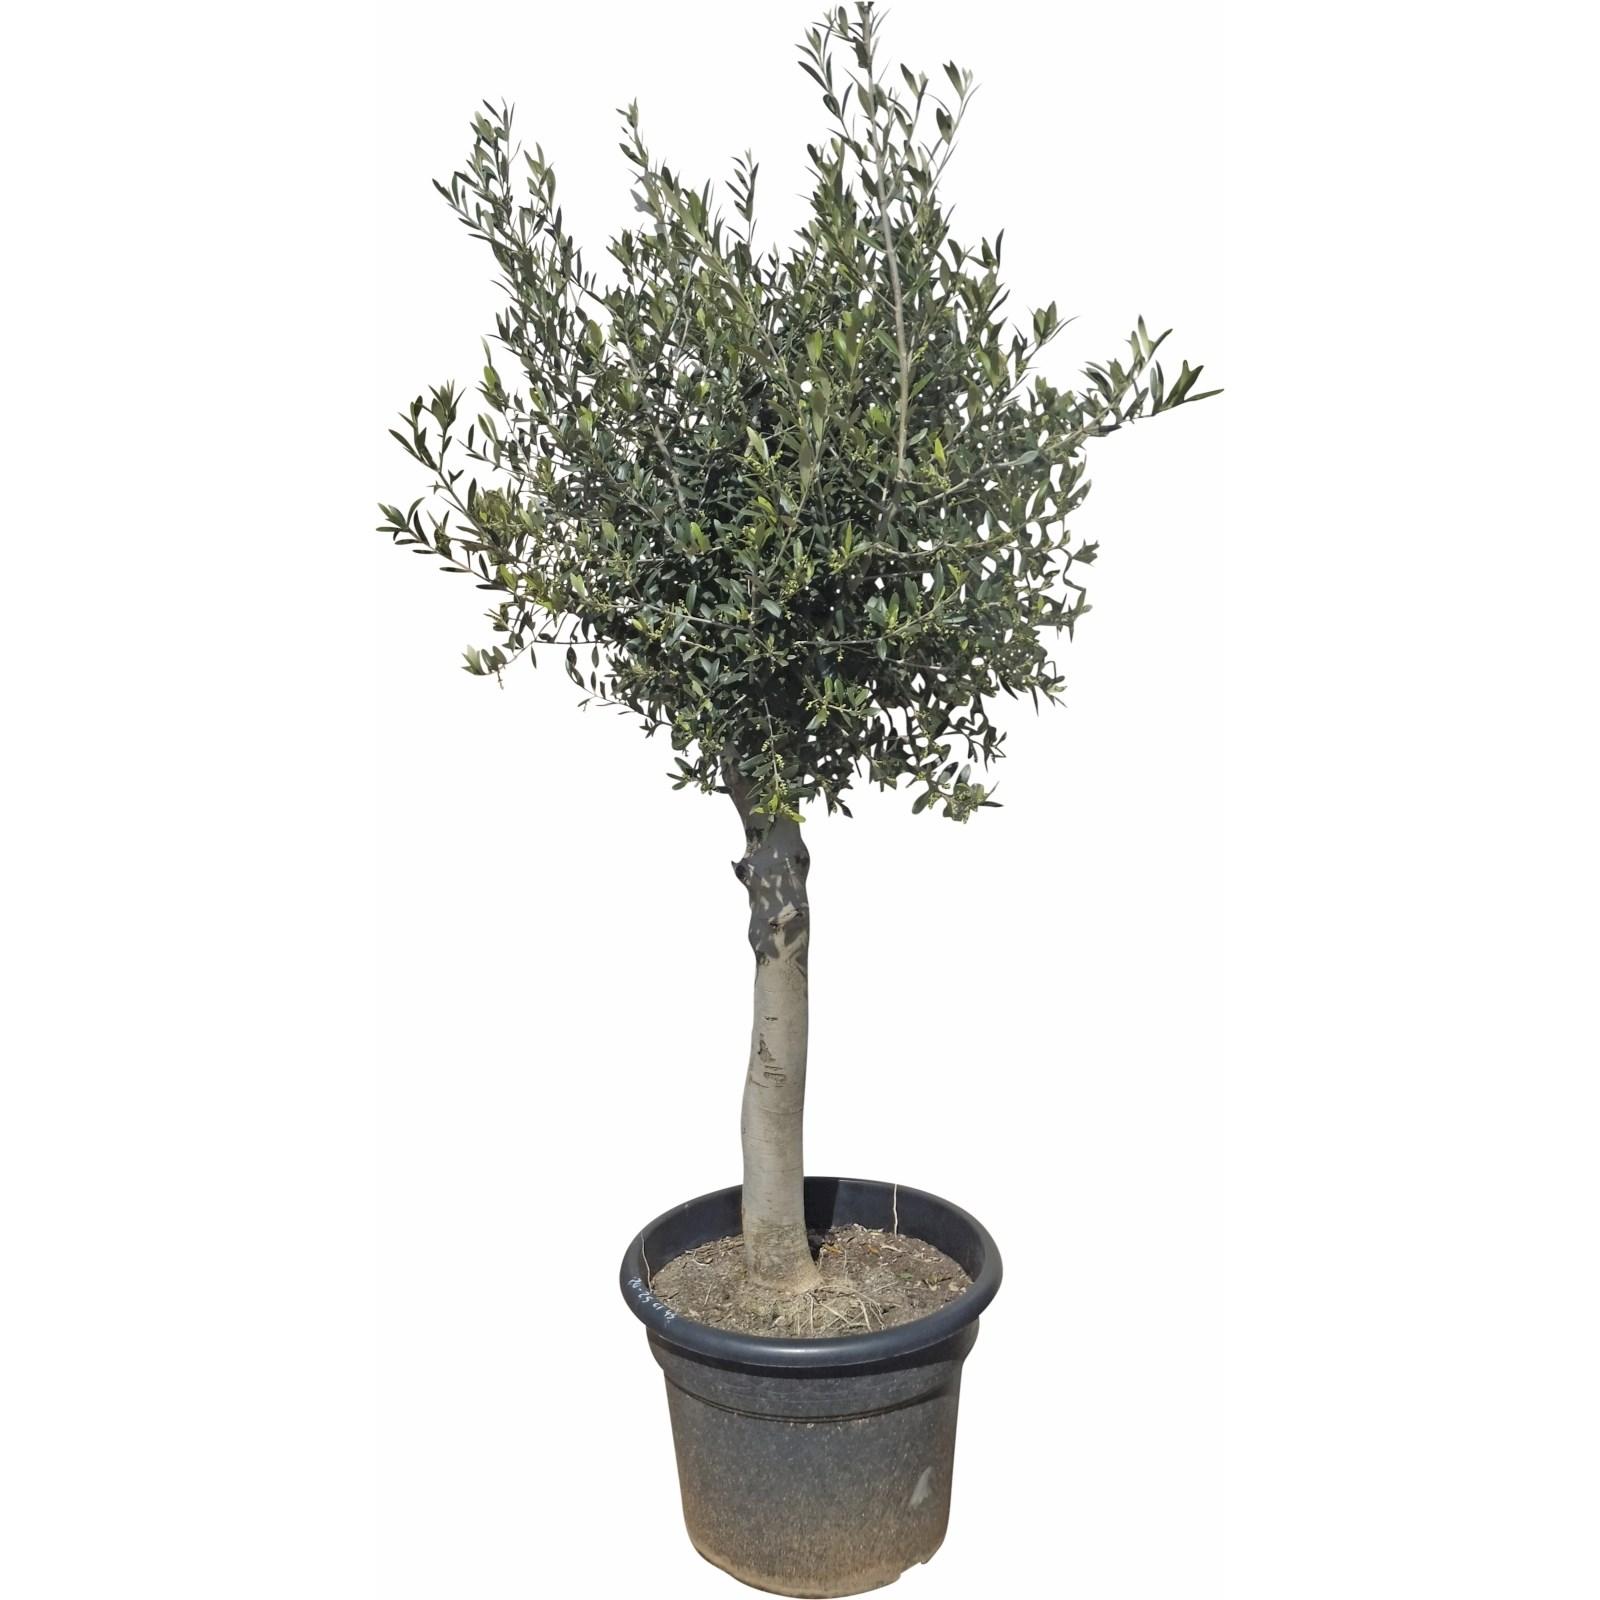 Sehr Olivenbaum Solitär P35 l - Mediterrane Pflanzen - LANDI NL04